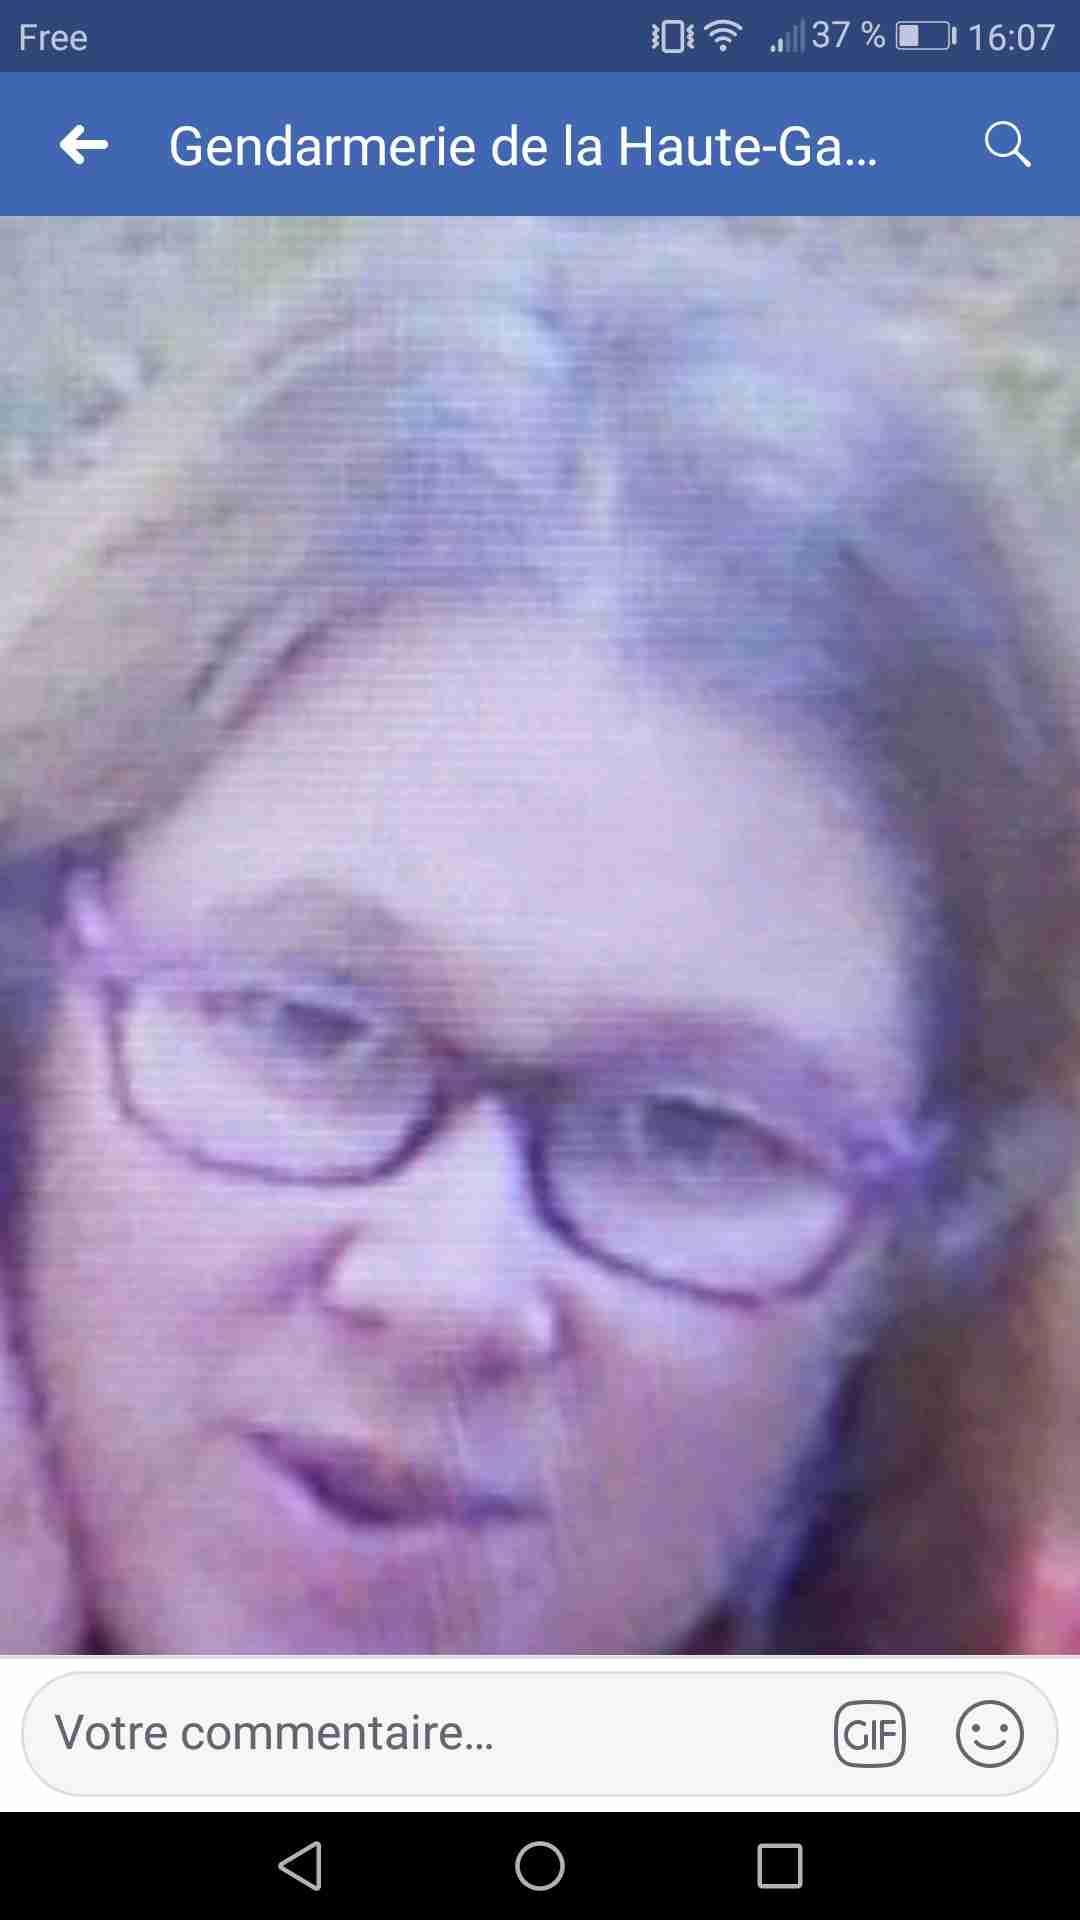 Disparition inquiétante d'une femme de 40 ans dans le sud de la Haute Garonne